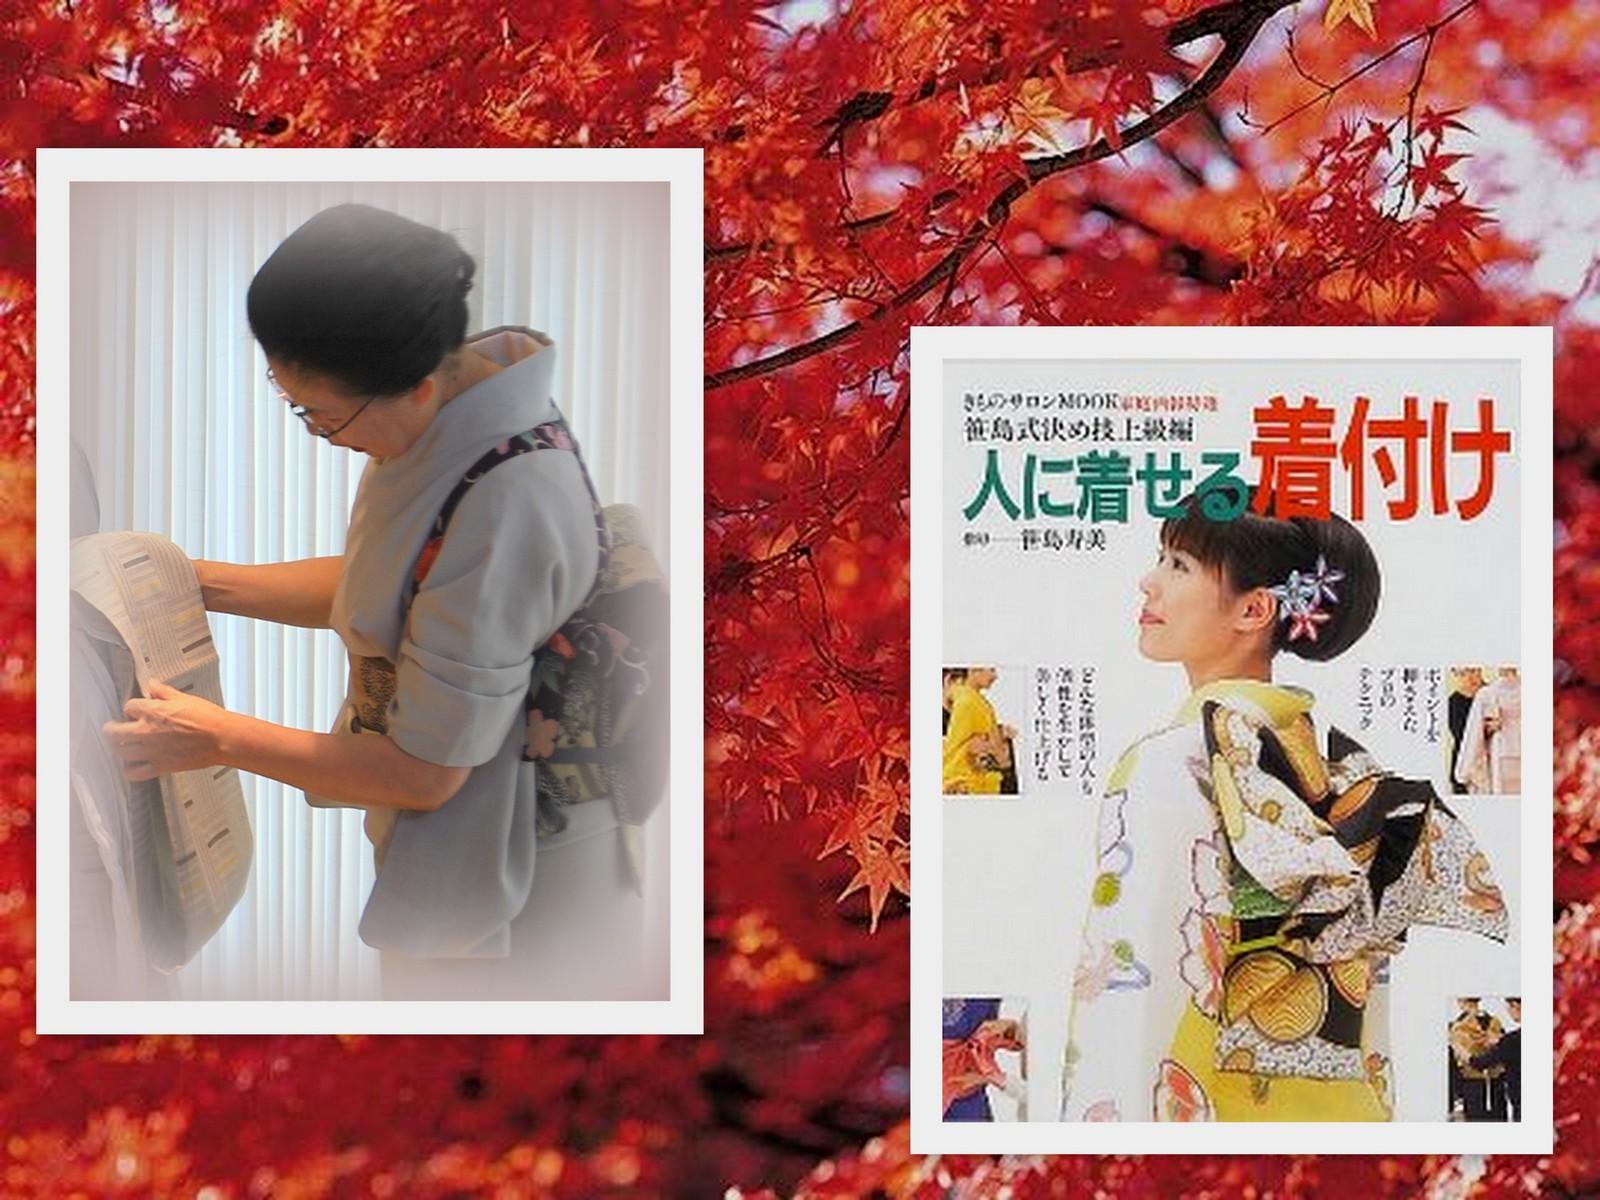 笹島先生の著書はバイブル!そして先生&受講生も宝物!_f0205317_1185987.jpg